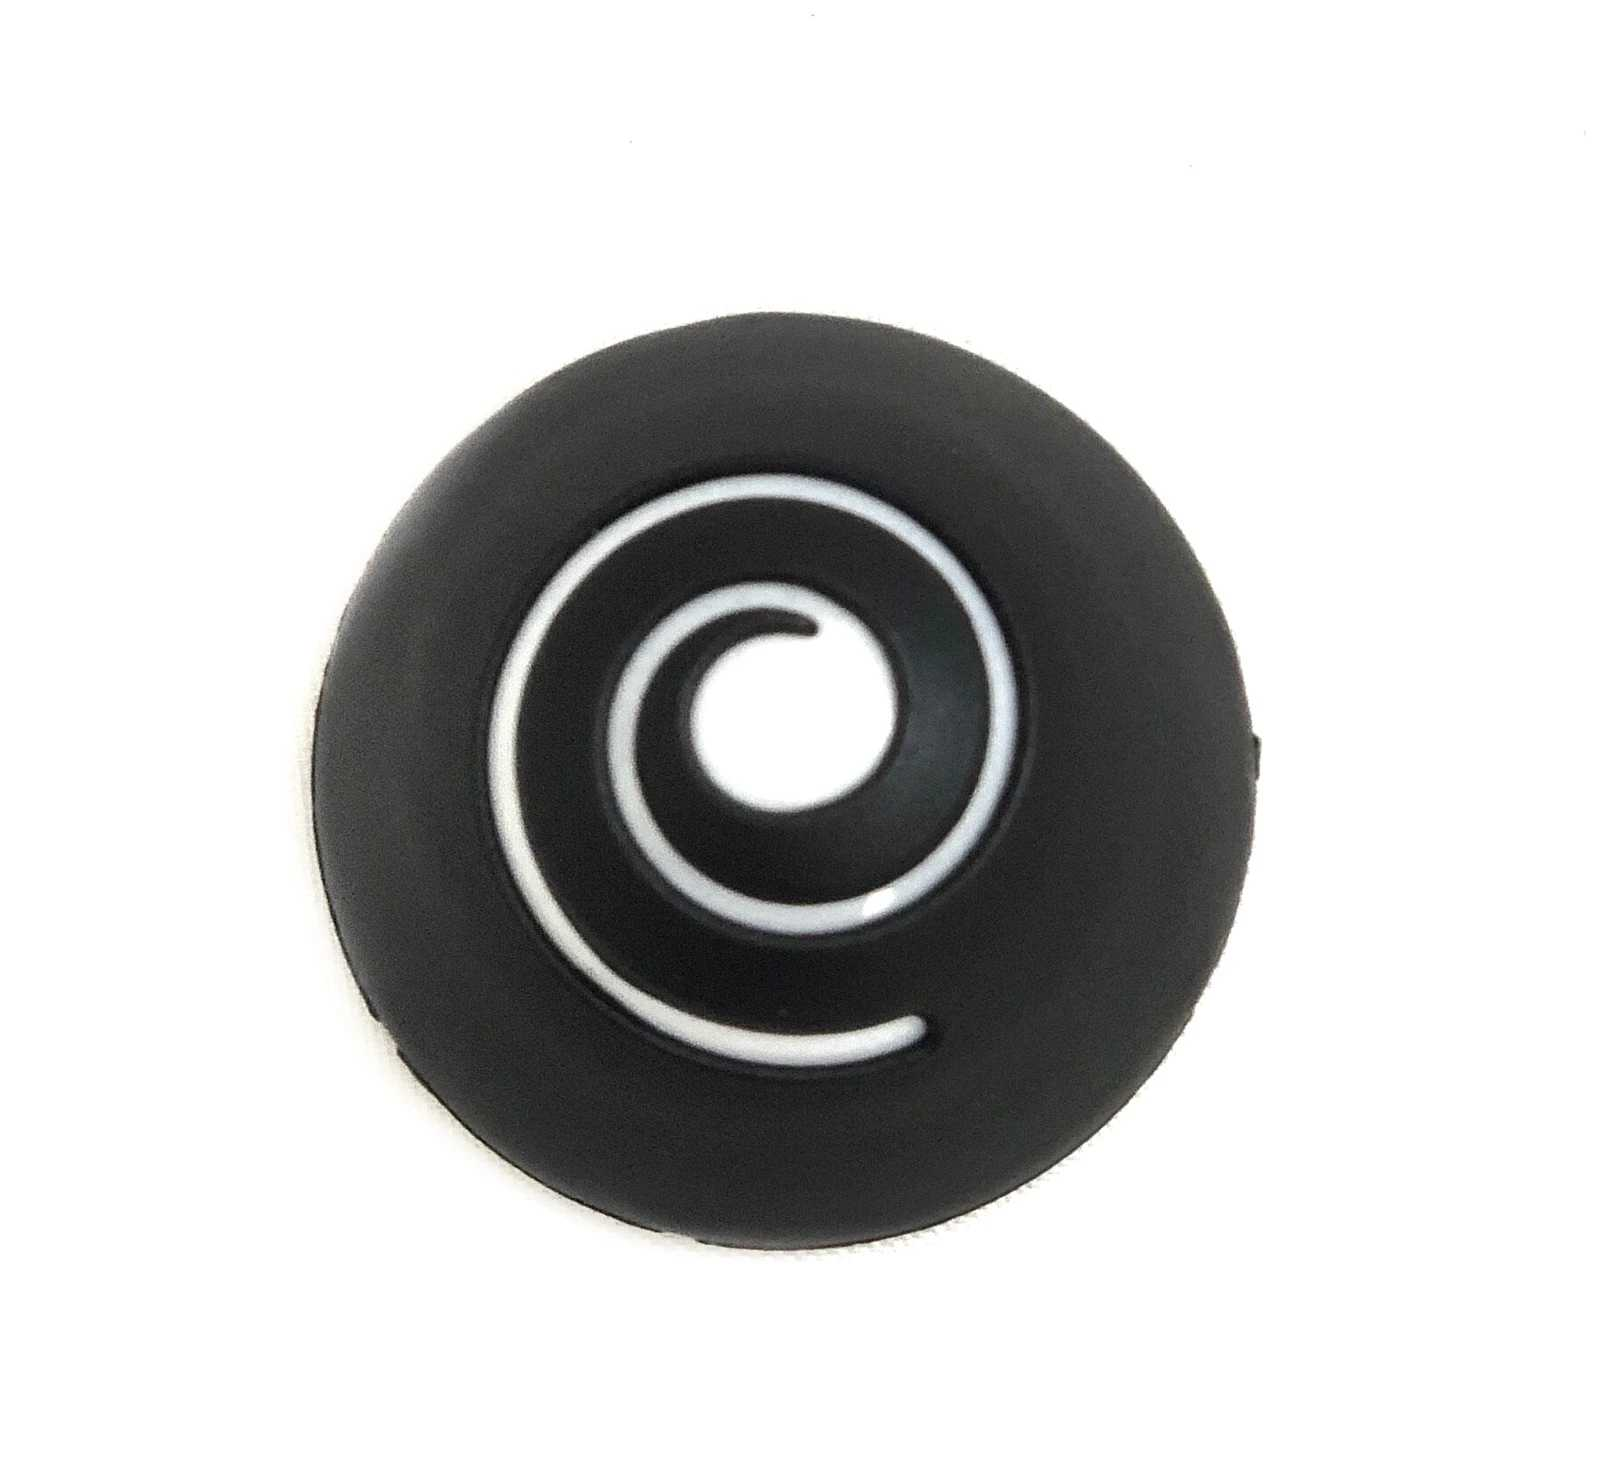 Оптовая продажа, Оригинальный чехол для колеса электроскутера OX/OXO, аксессуары для электроскутера, декоративный чехол для мотора с бесплатной доставкой